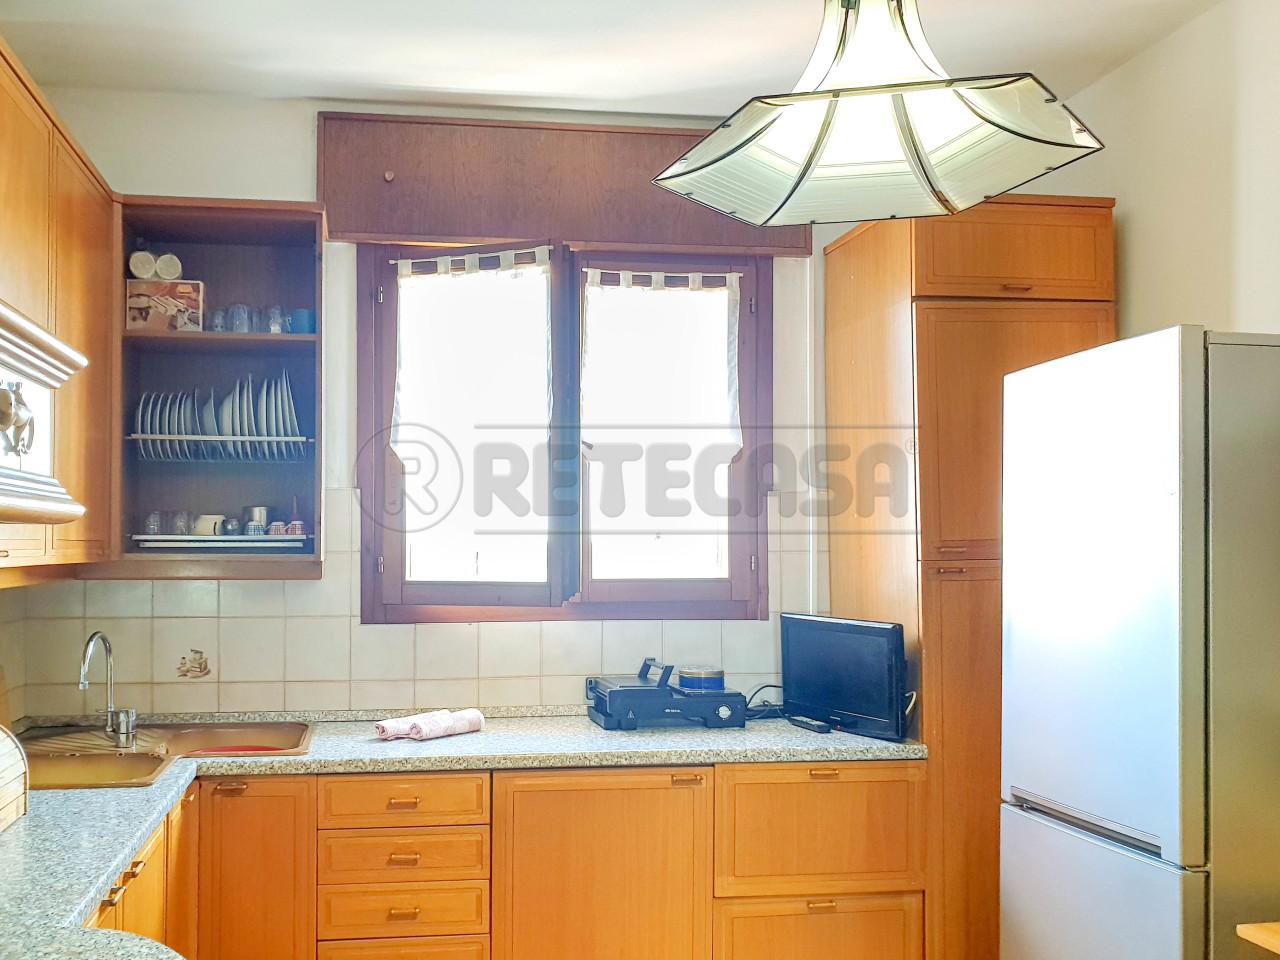 Appartamento in vendita a Vicenza, 6 locali, prezzo € 92.000 | PortaleAgenzieImmobiliari.it